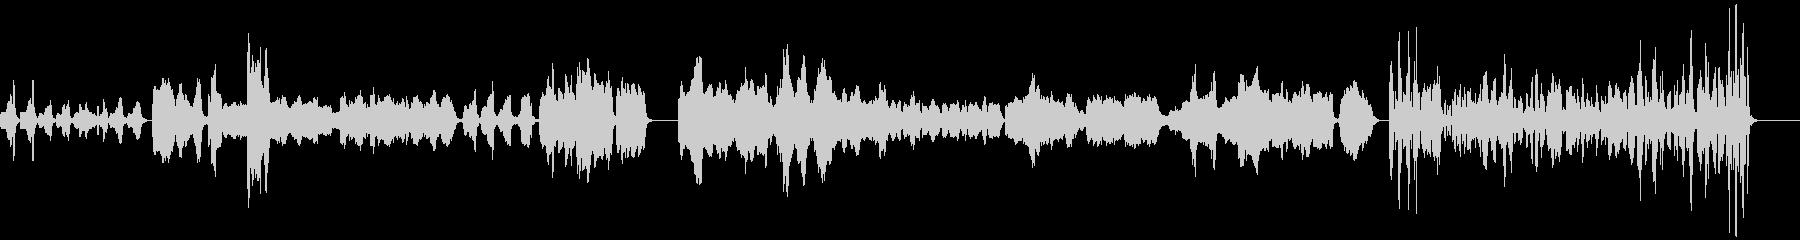 シュールなリコーダー曲の未再生の波形